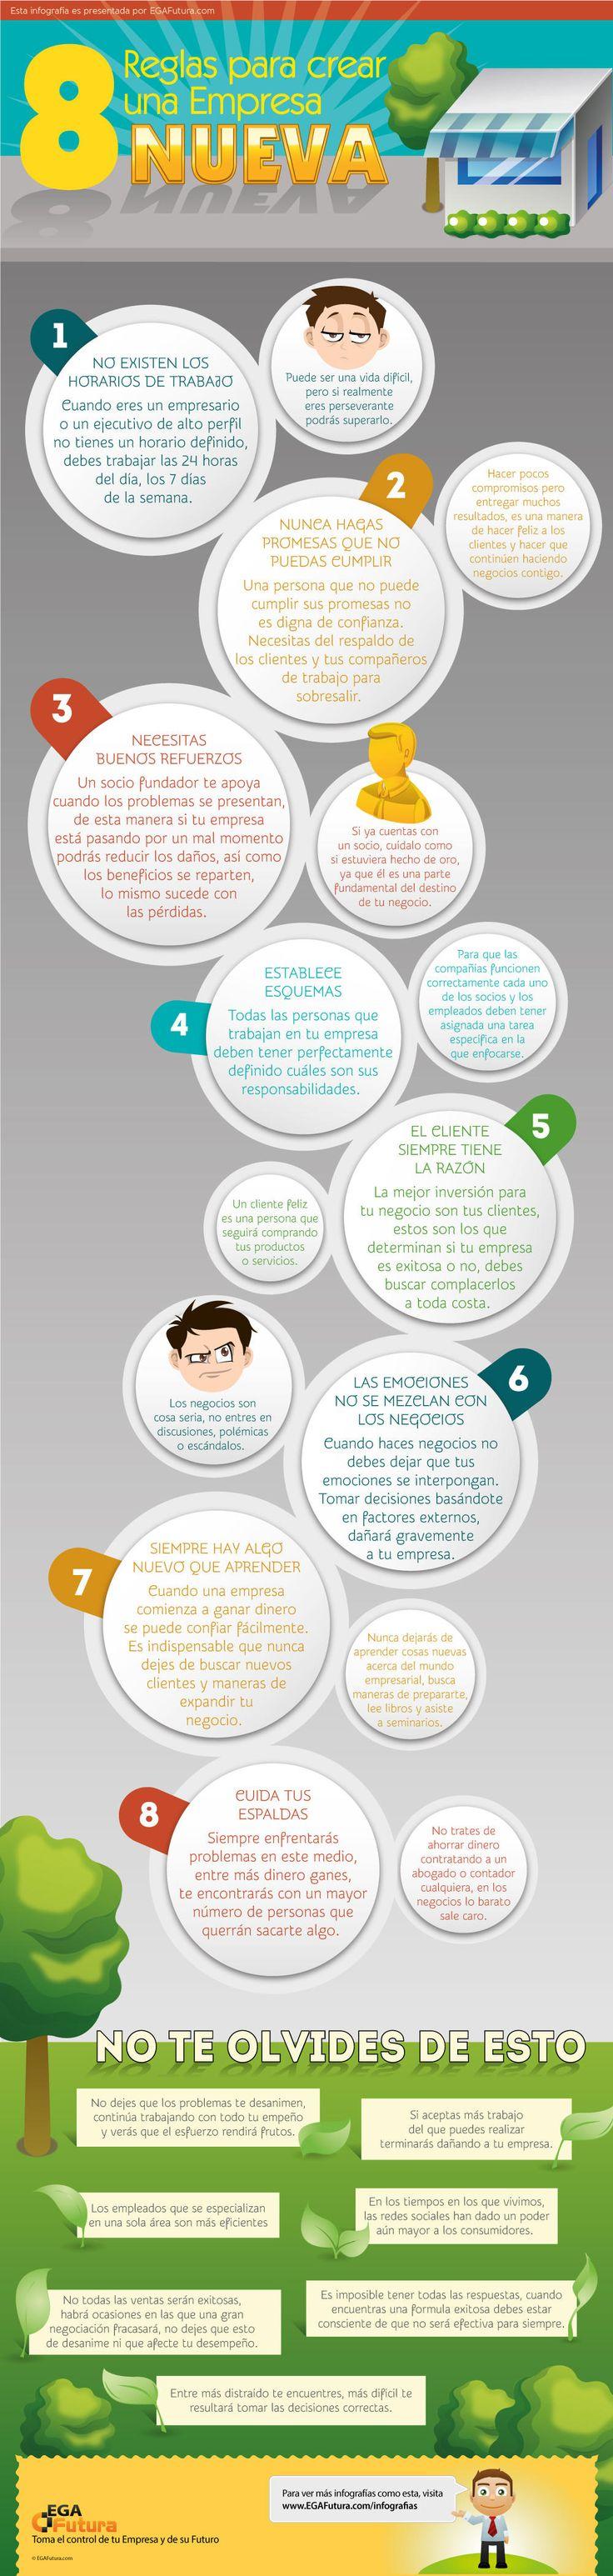 8 reglas para crear una empresa nueva #infografia #infographic #entrepreneurship